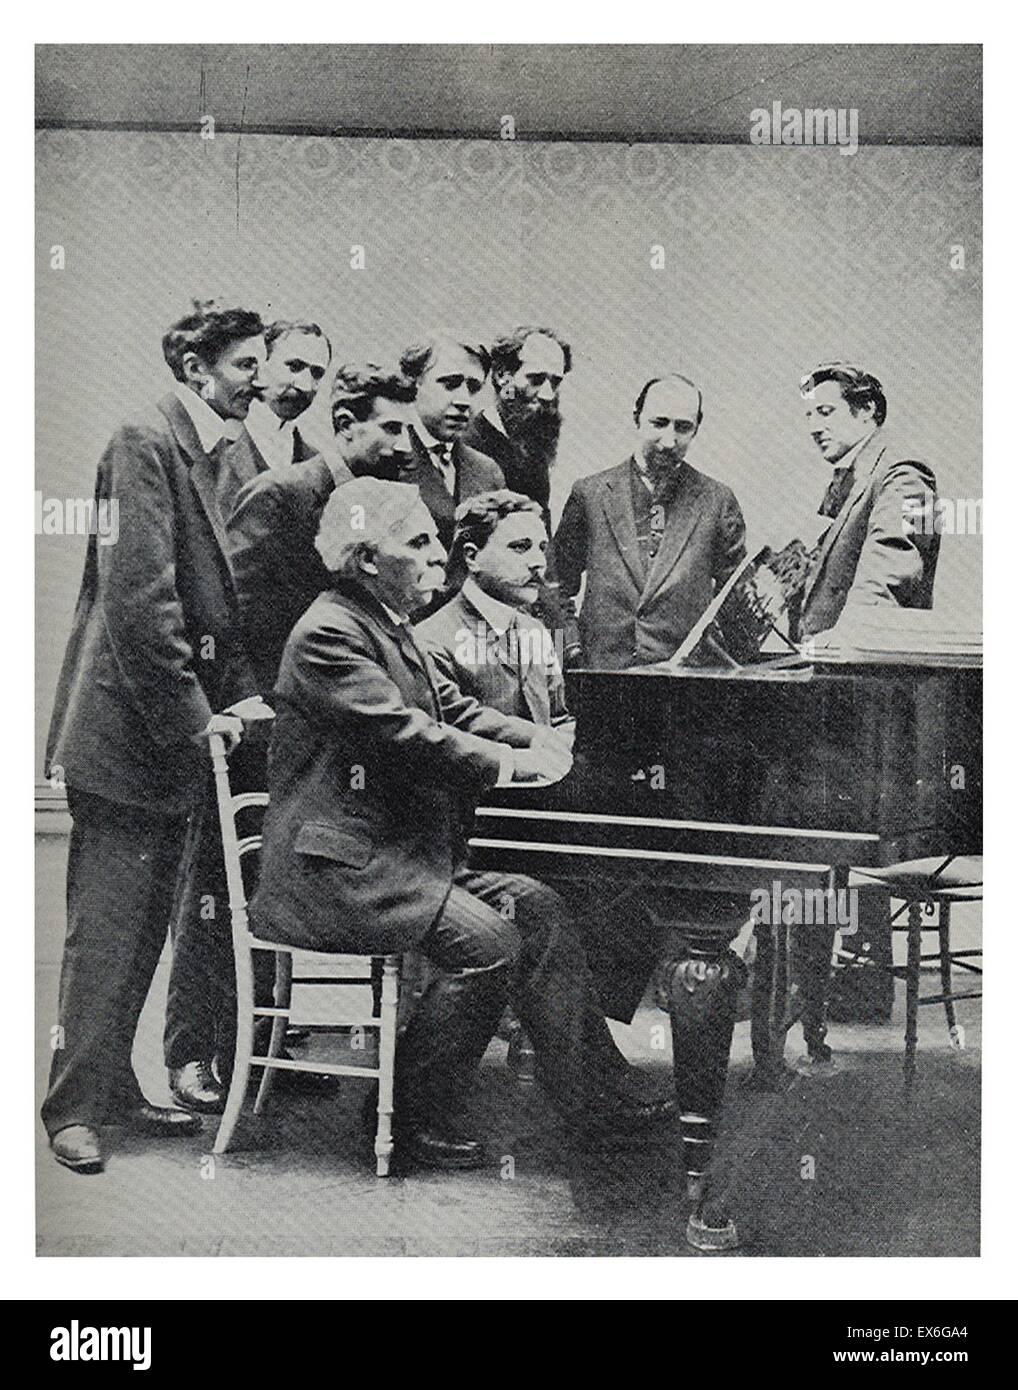 Comité Fundador de la Société musicale indépendente 1909. Gabriel Faure (1845-1924) y Jean Roger-Ducasse (1873-1954), compositores franceses, en el piano, acompañado, detrás de ellos, por Louis Aubert, Maurice Ravel, A.Z. Mathot, Andre Caplet, Charles Koechl Foto de stock